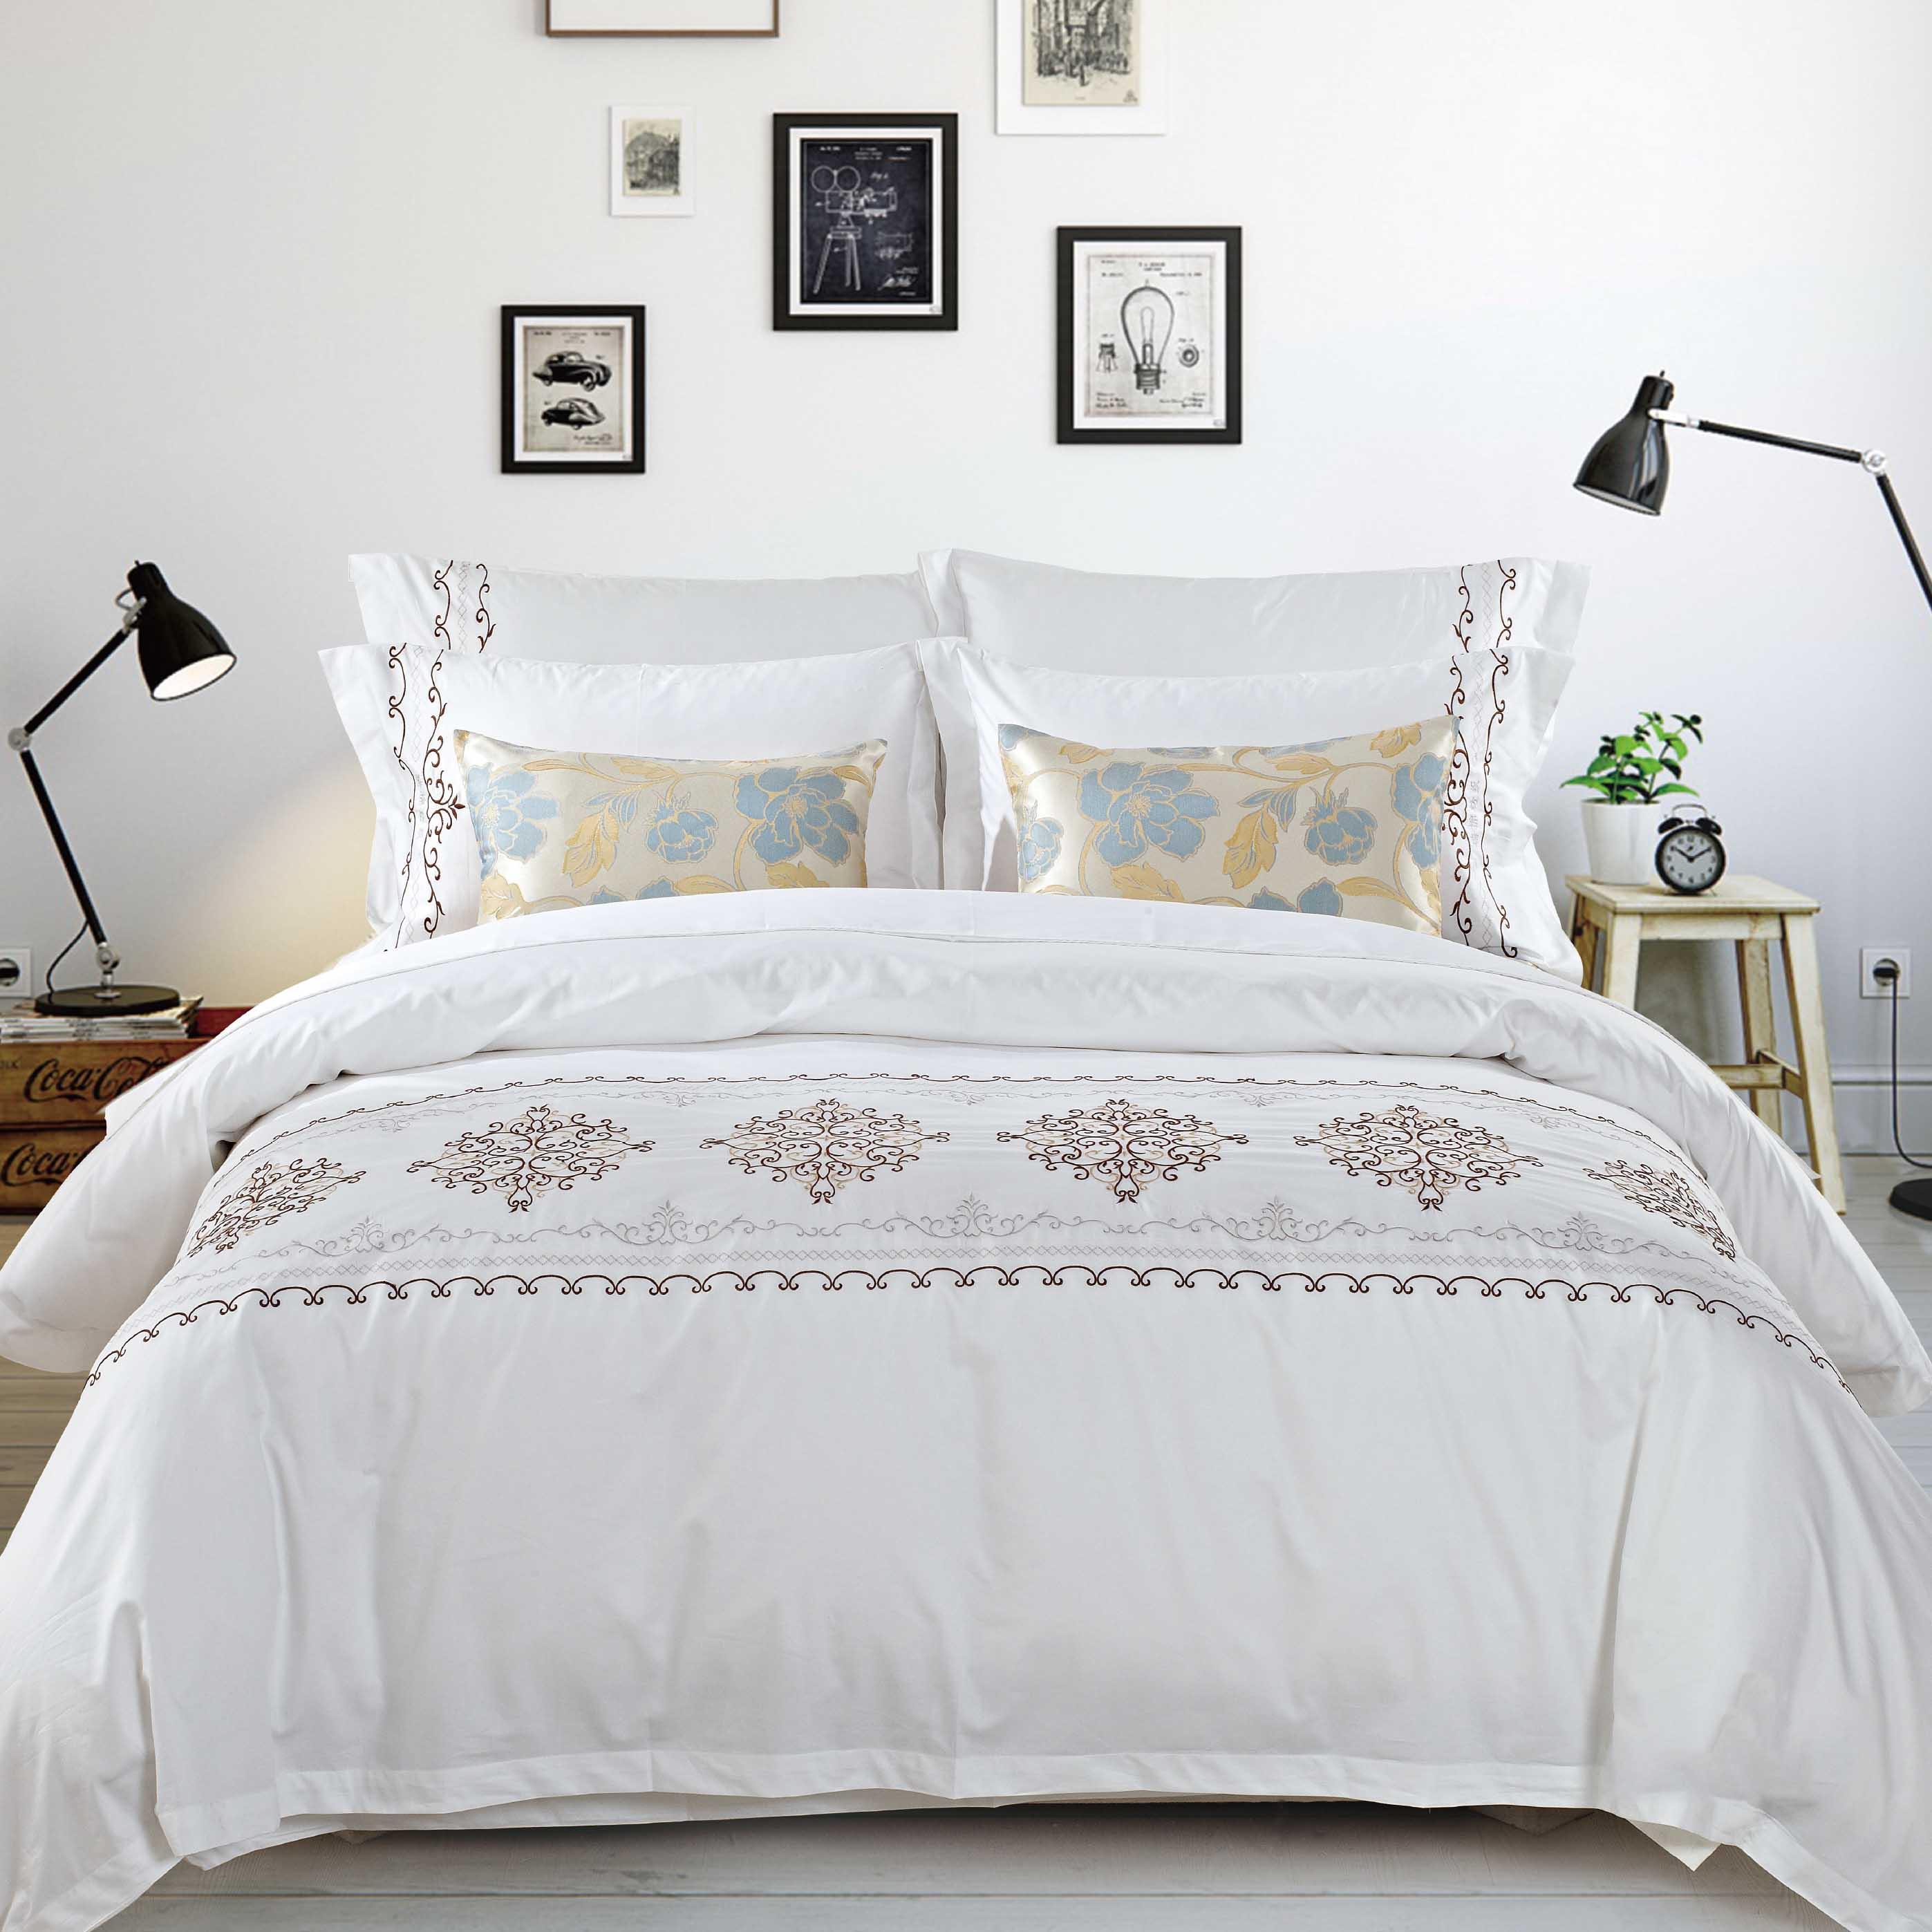 酒店 宾馆民宿床上用品布草绣花全棉客房布草四件套枕套床单被套